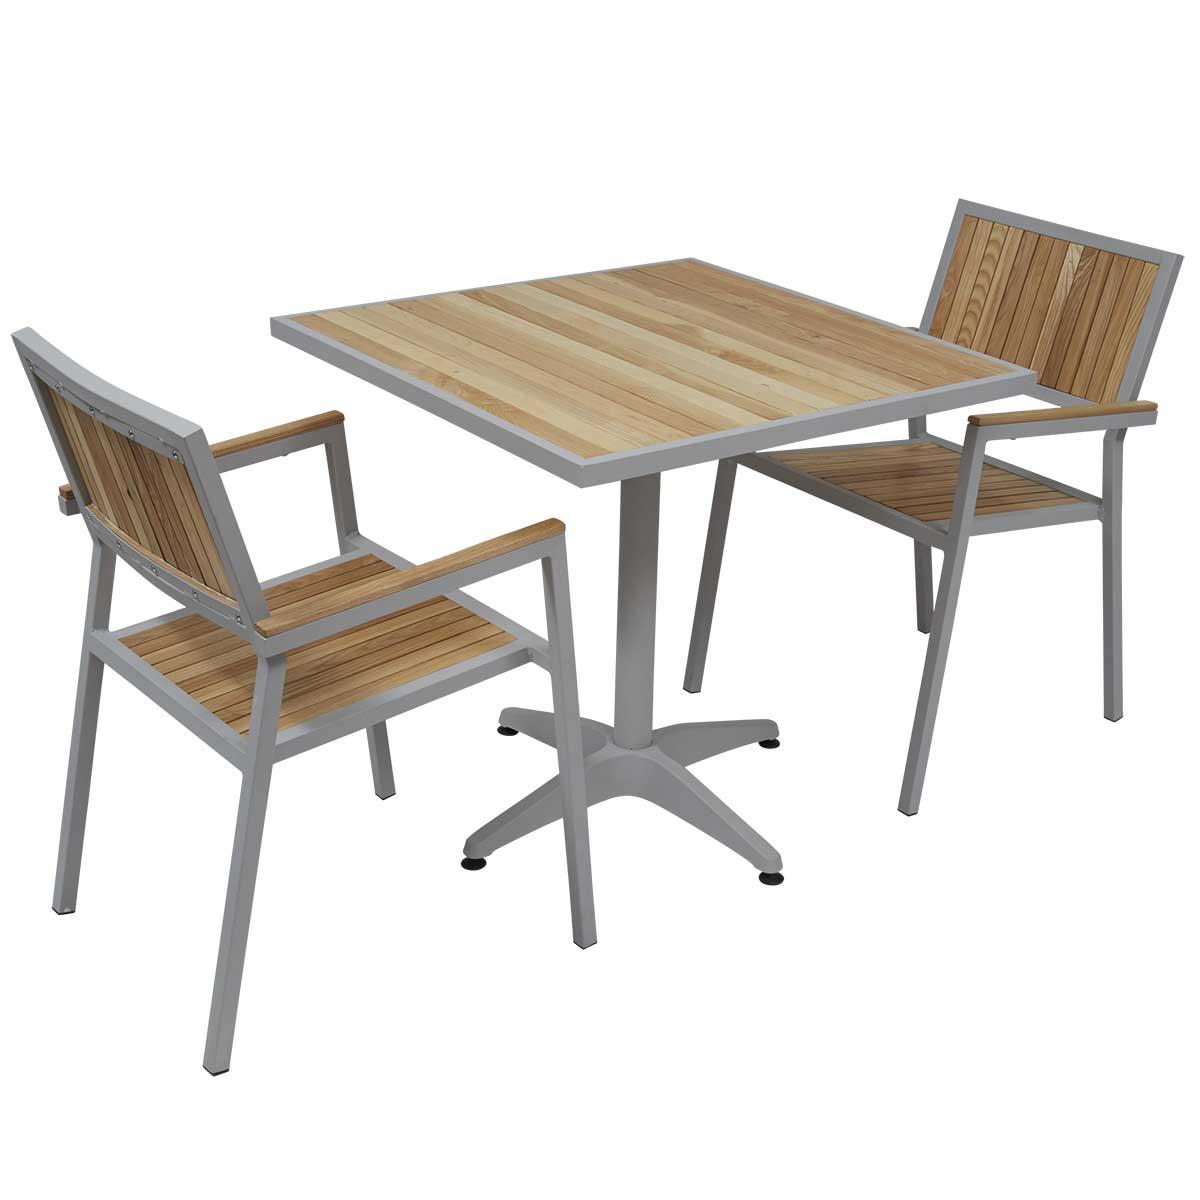 Table Et Chaise De Jardin En Aluminium Frais Table Terrasse Pas Cher Of 39 Luxe Table Et Chaise De Jardin En Aluminium